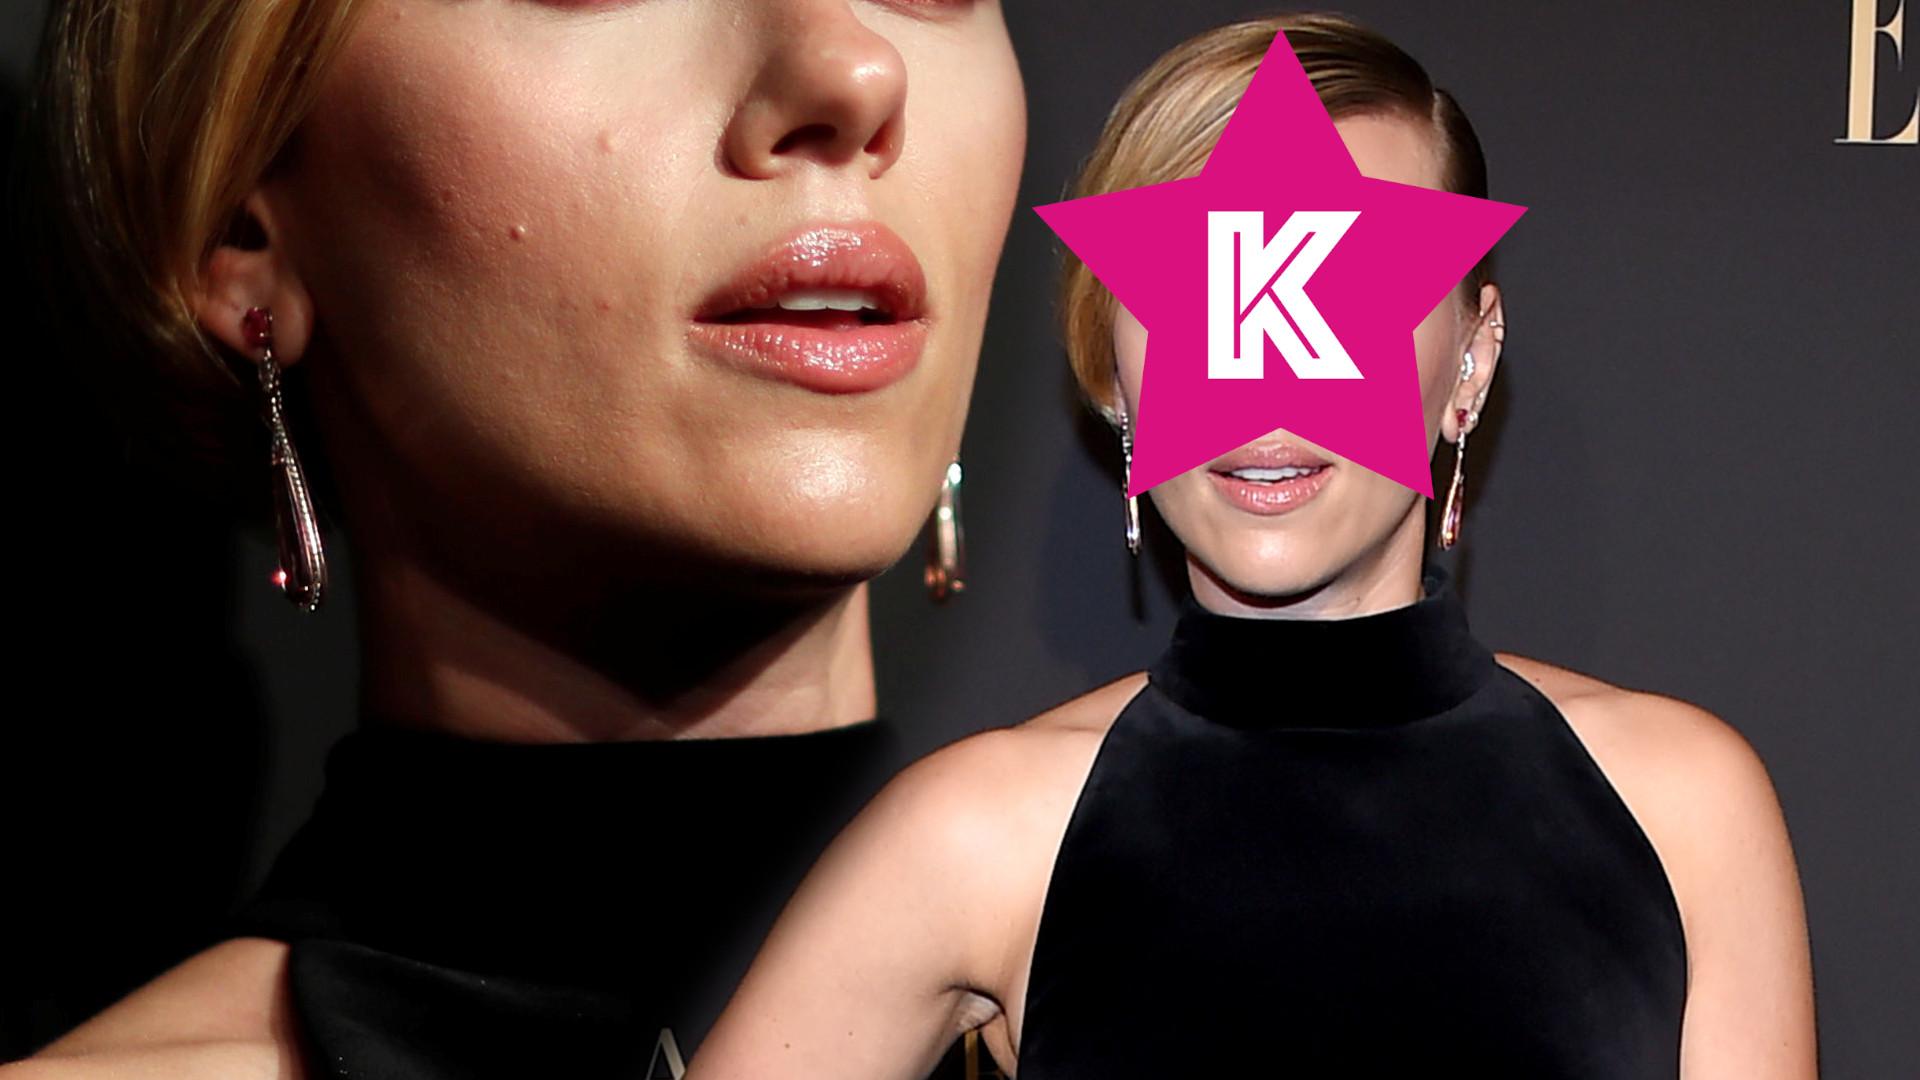 Kto tak SKRZYWDZIŁ Scarlett Johansson makijażem? (ZDJĘCIA)